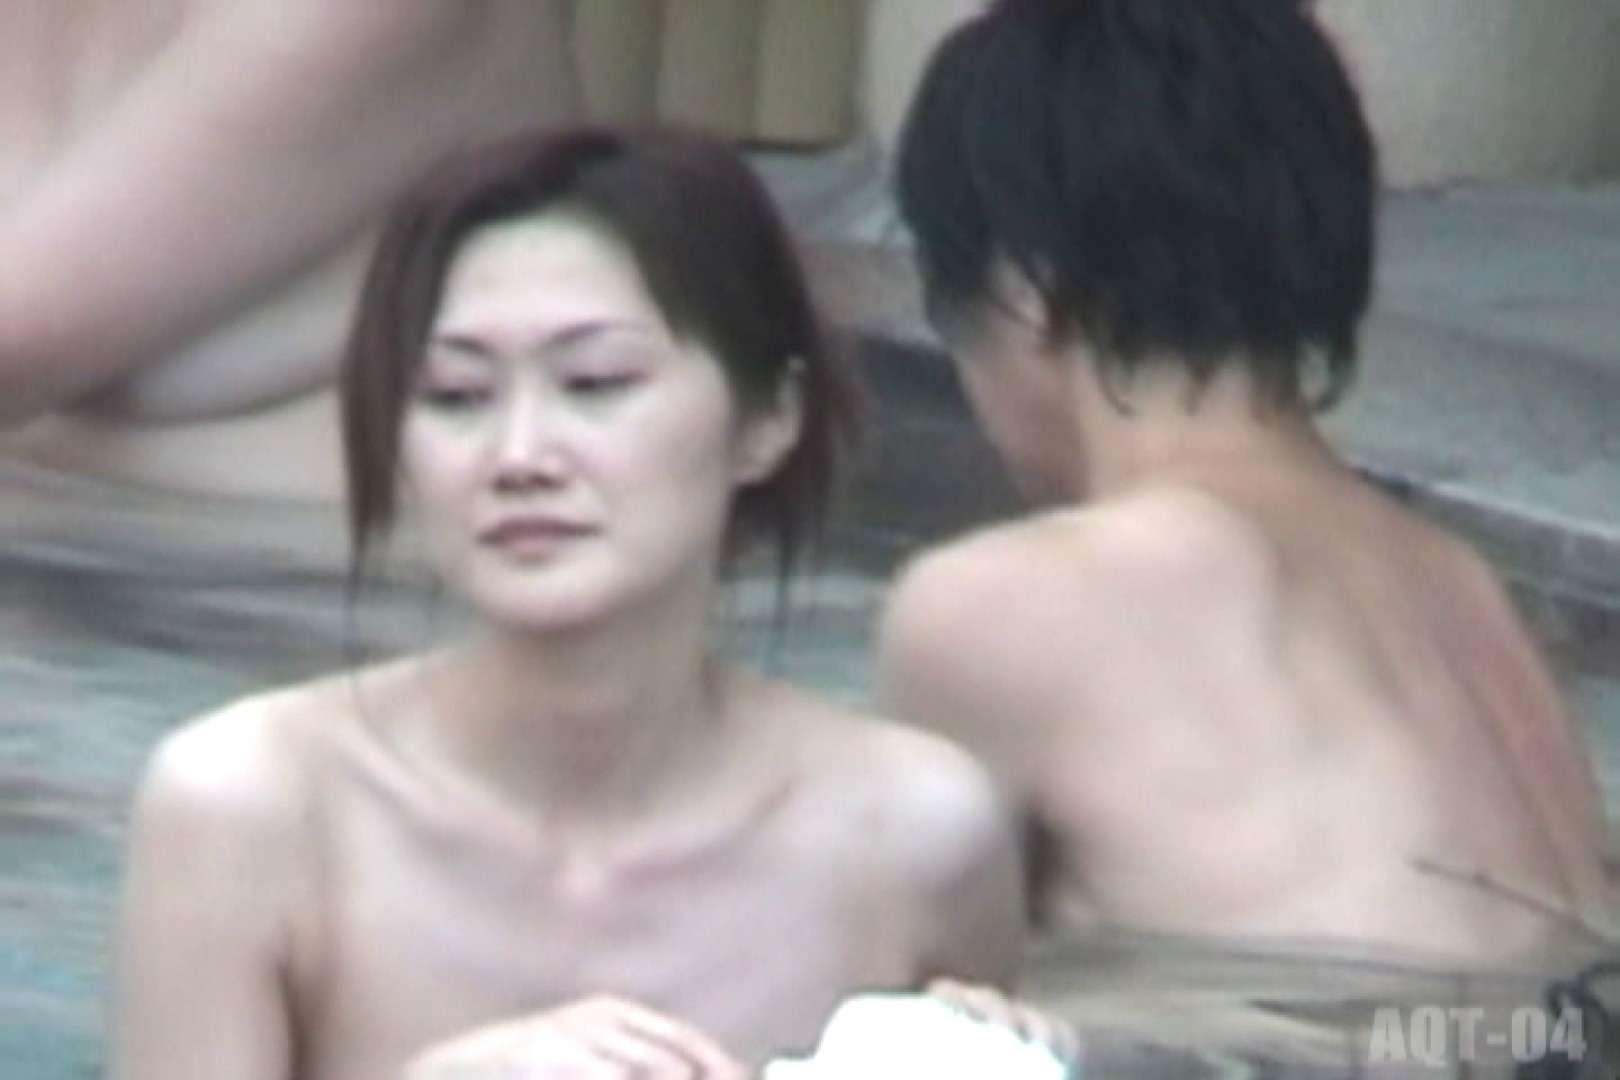 Aquaな露天風呂Vol.739 露天   盗撮  55pic 54